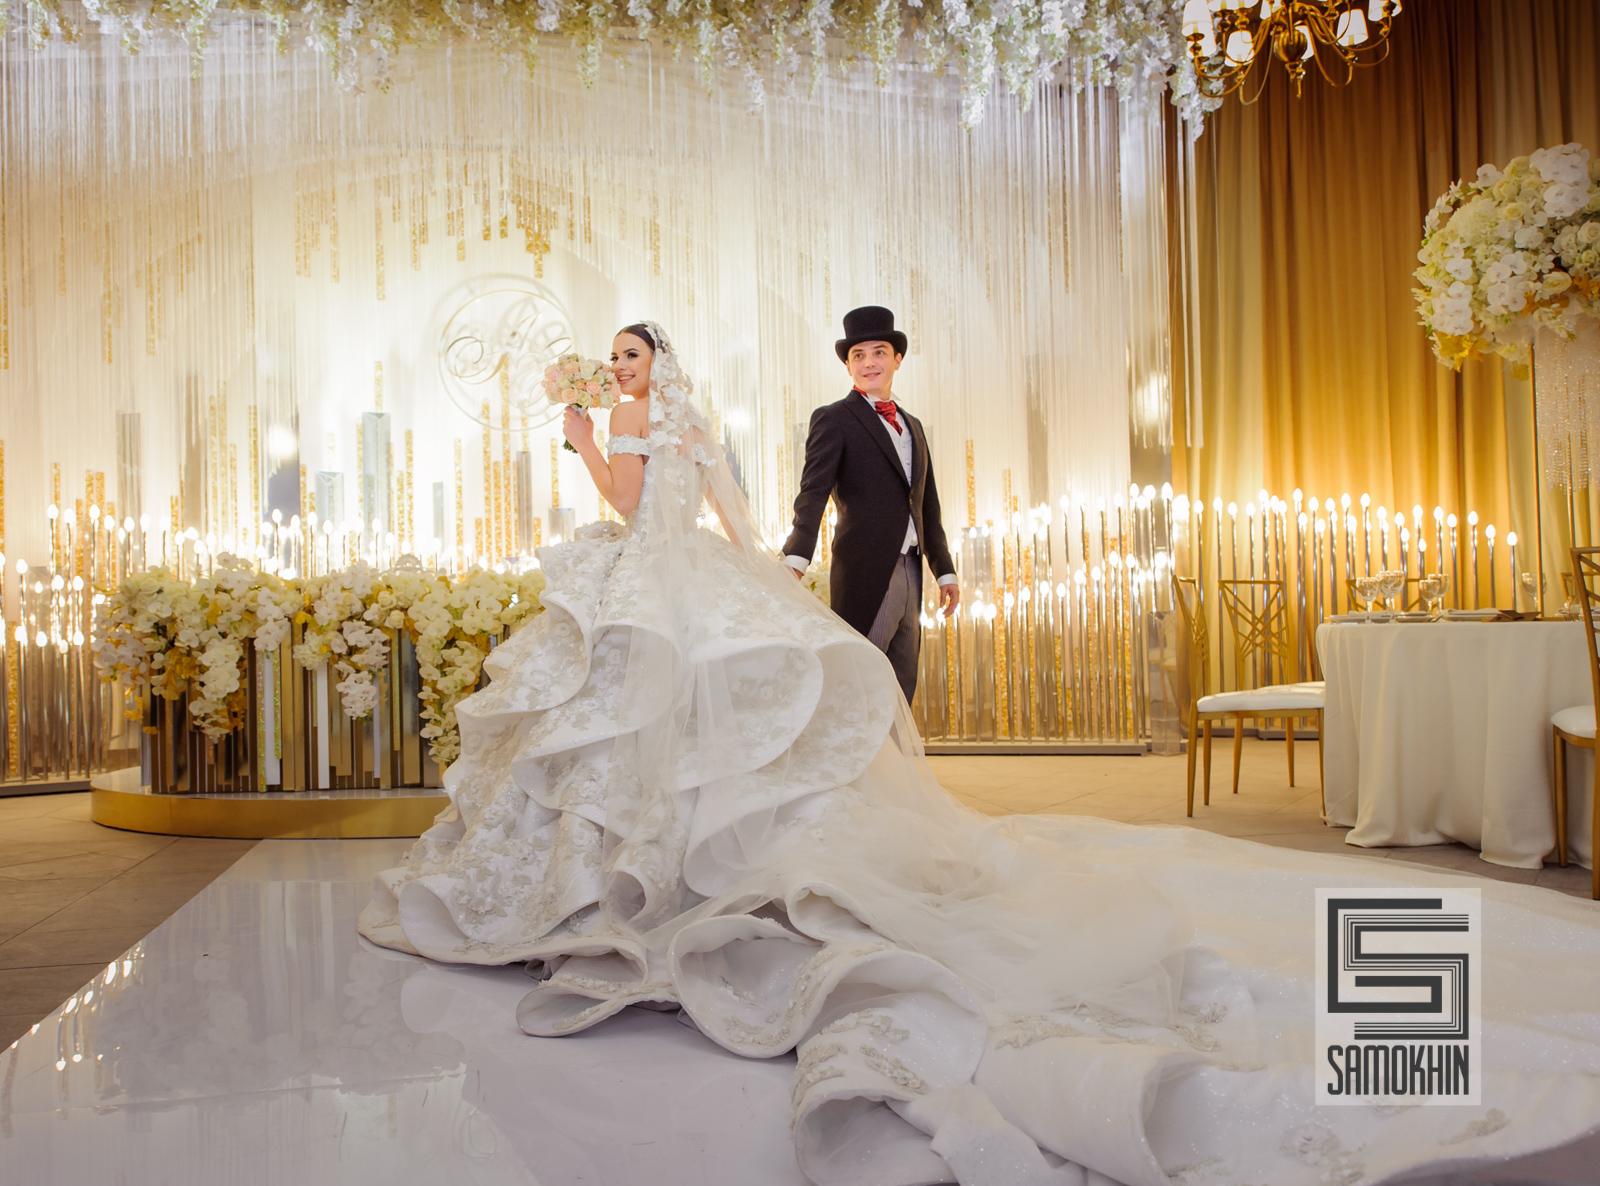 них саша артемова свадьба фото говоря, особой